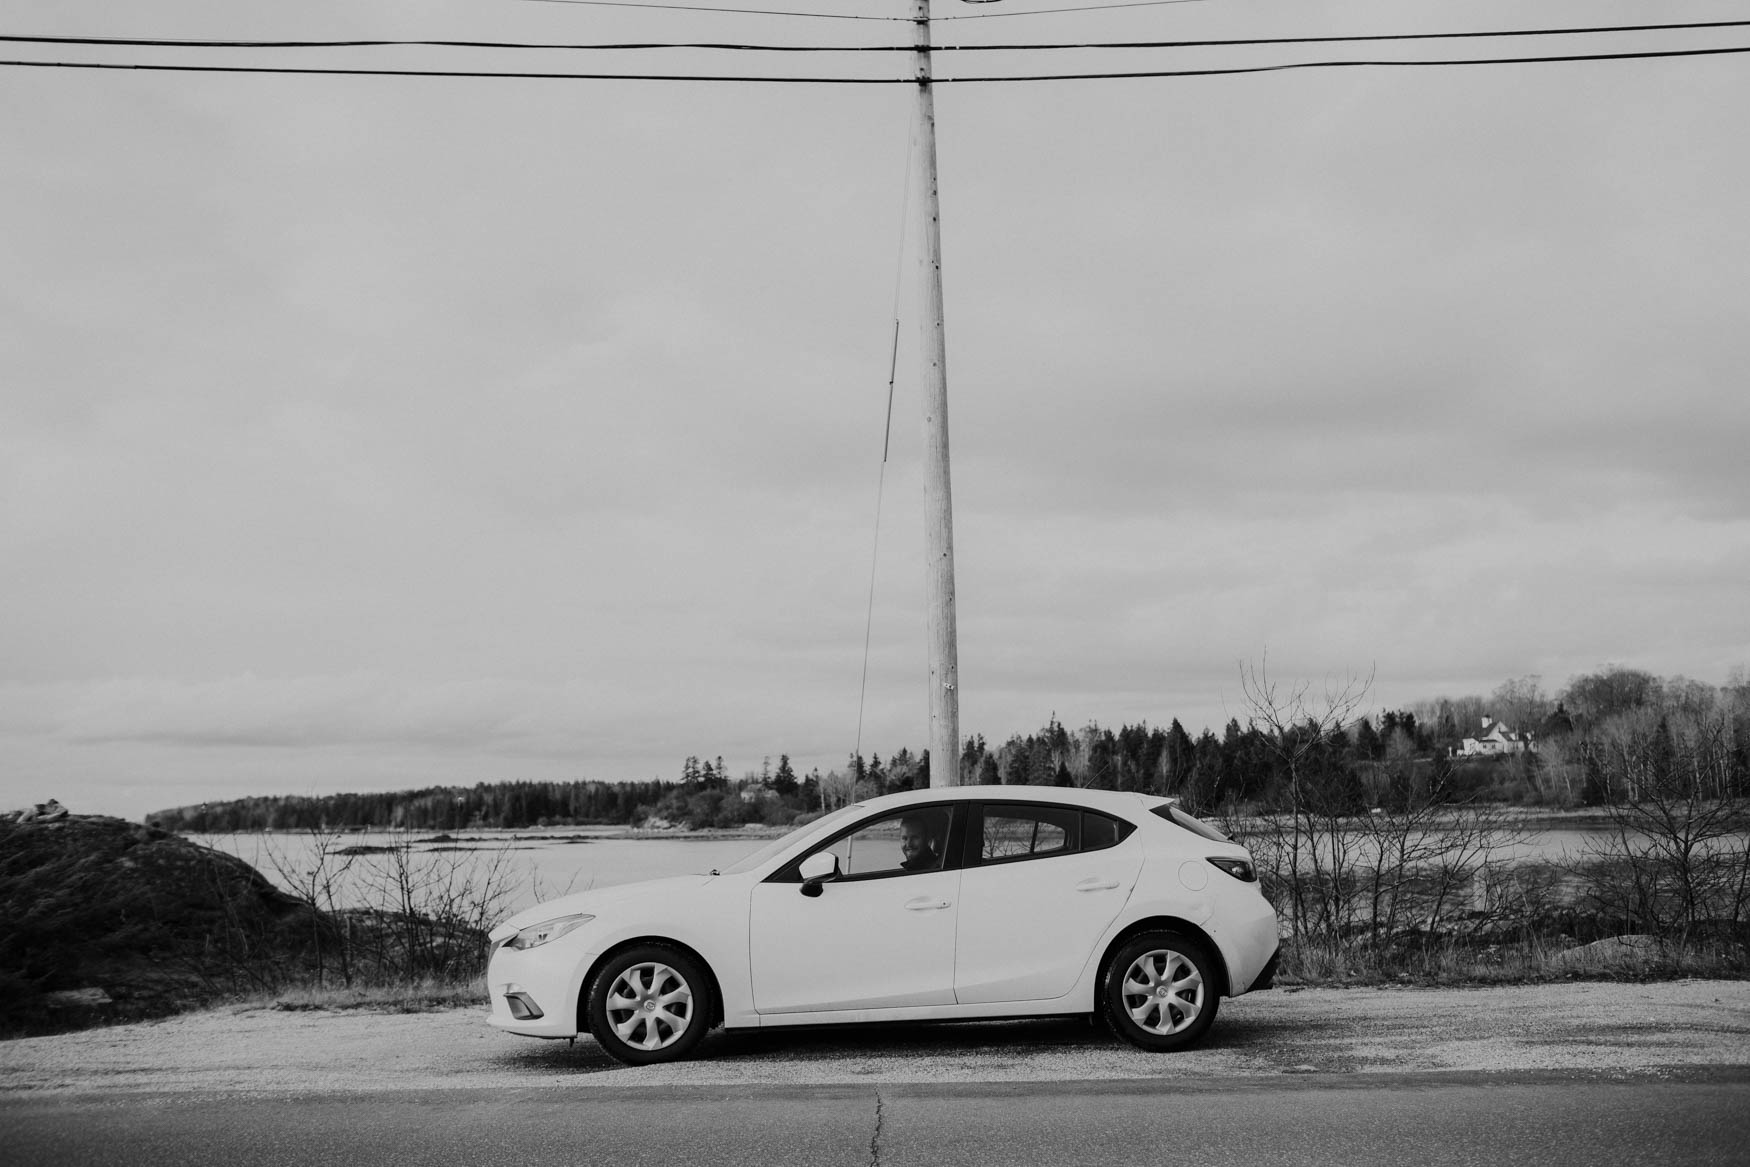 Our faithful Mazda!